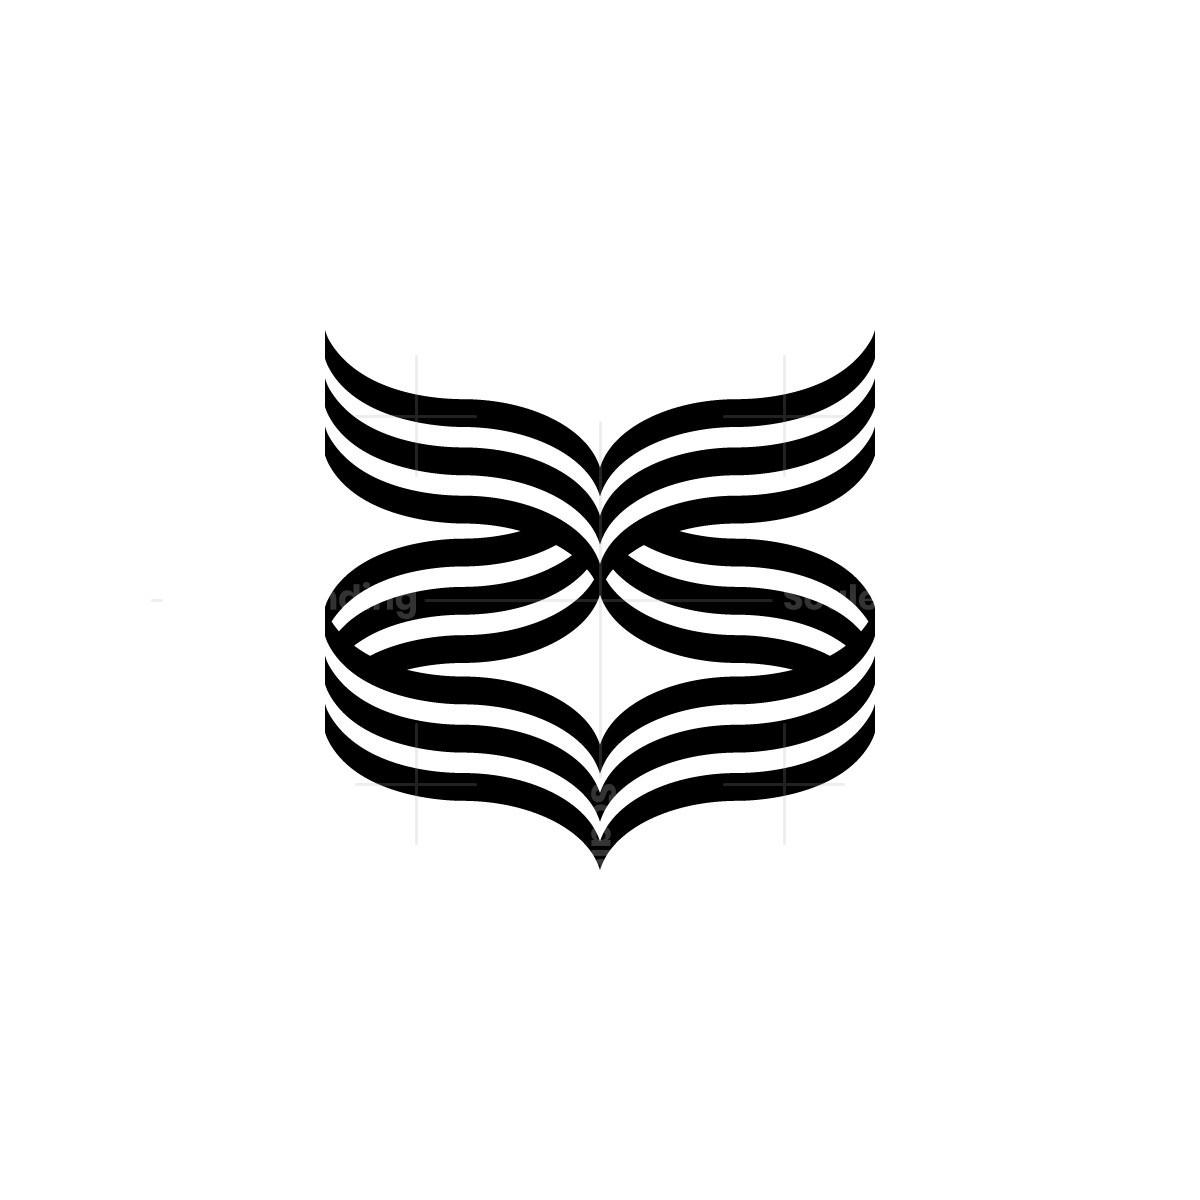 Abstract Owl Logo